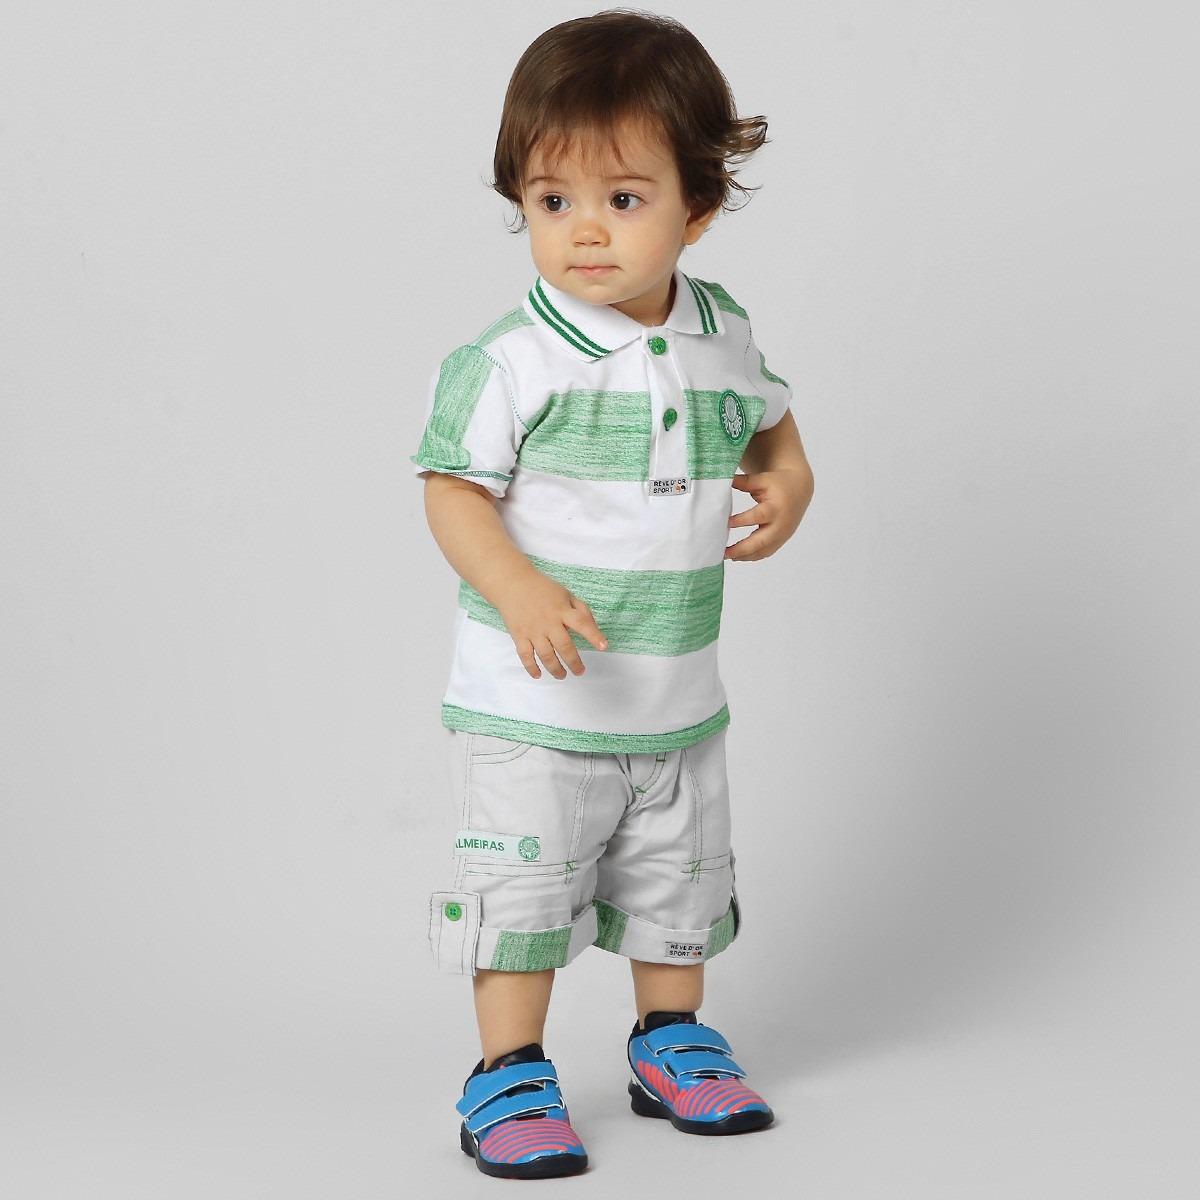 b2ea6ae580 Camisa Do Palmeiras Infantil